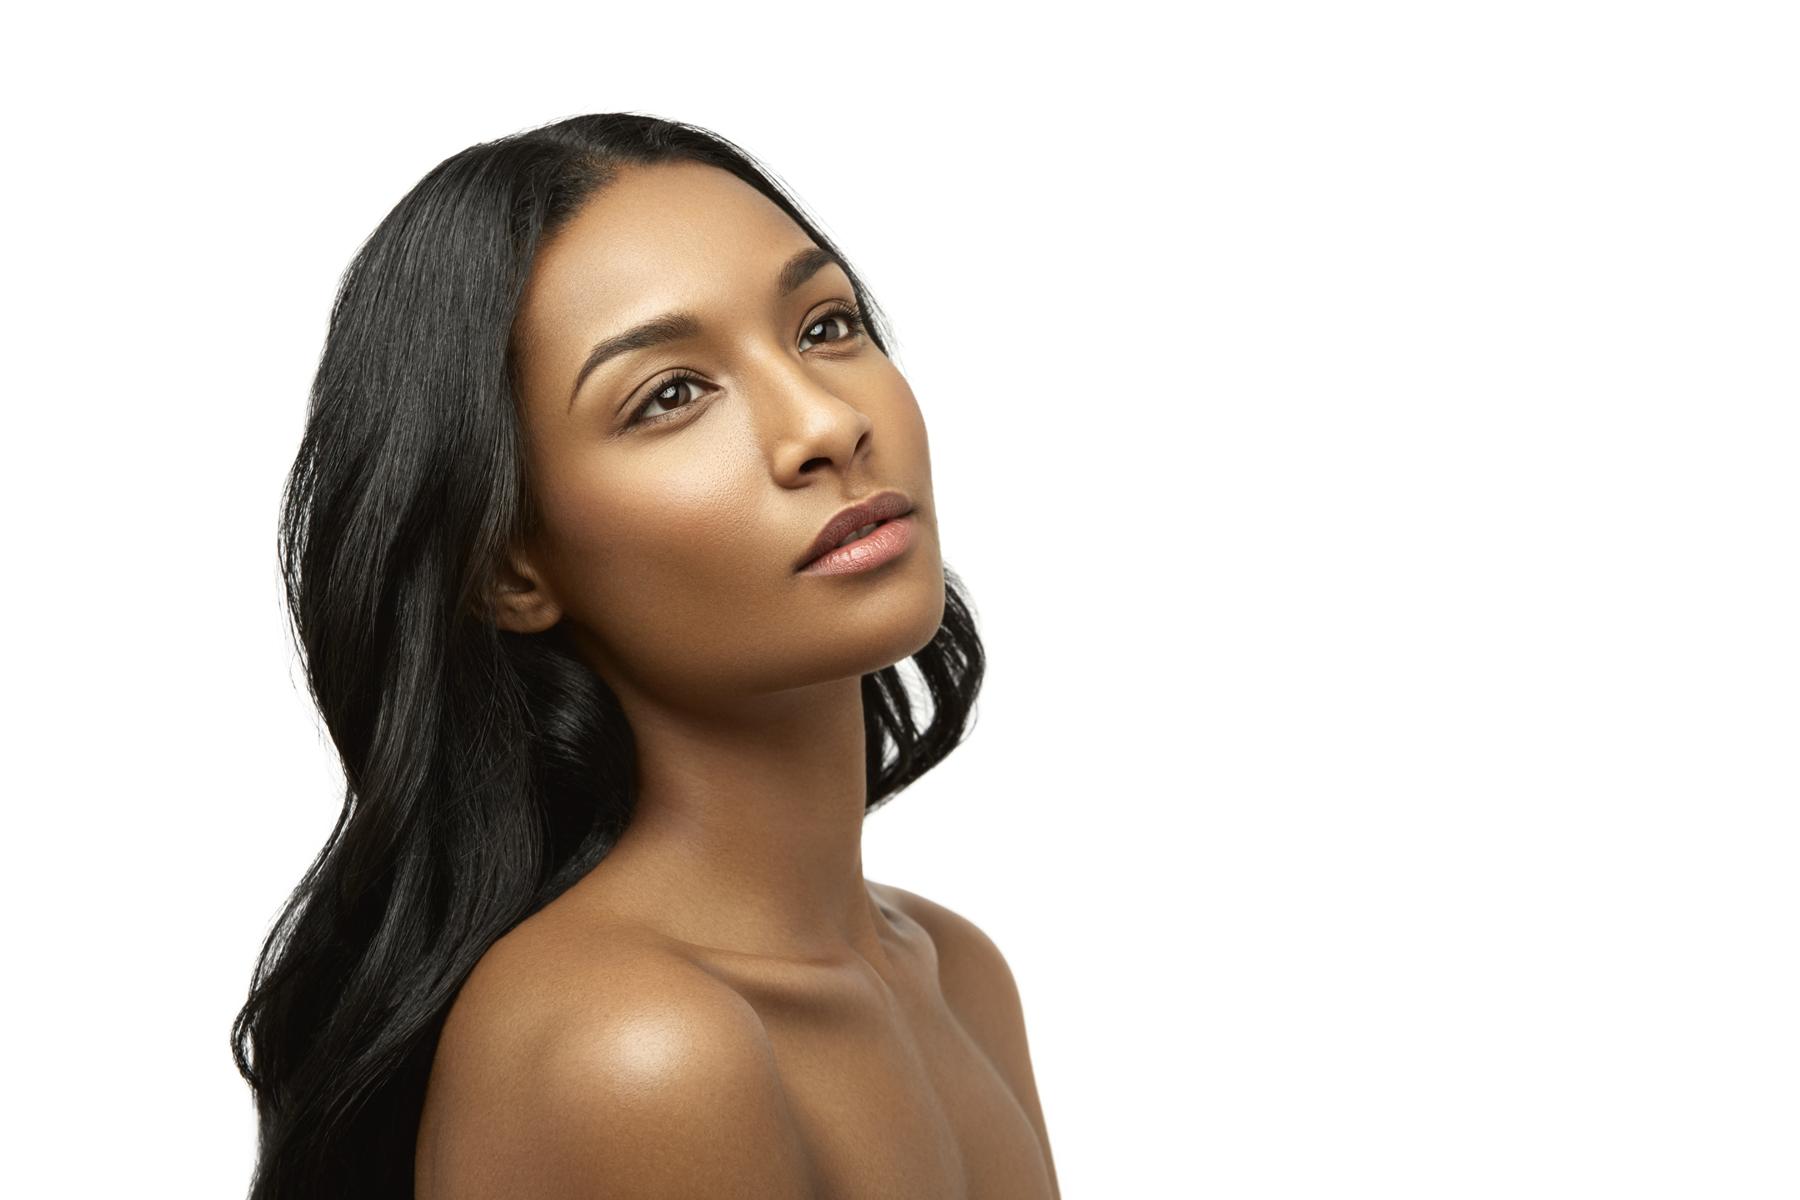 NicoleYorkPhotography_Commercial Beauty_Dark Skin-2.jpg